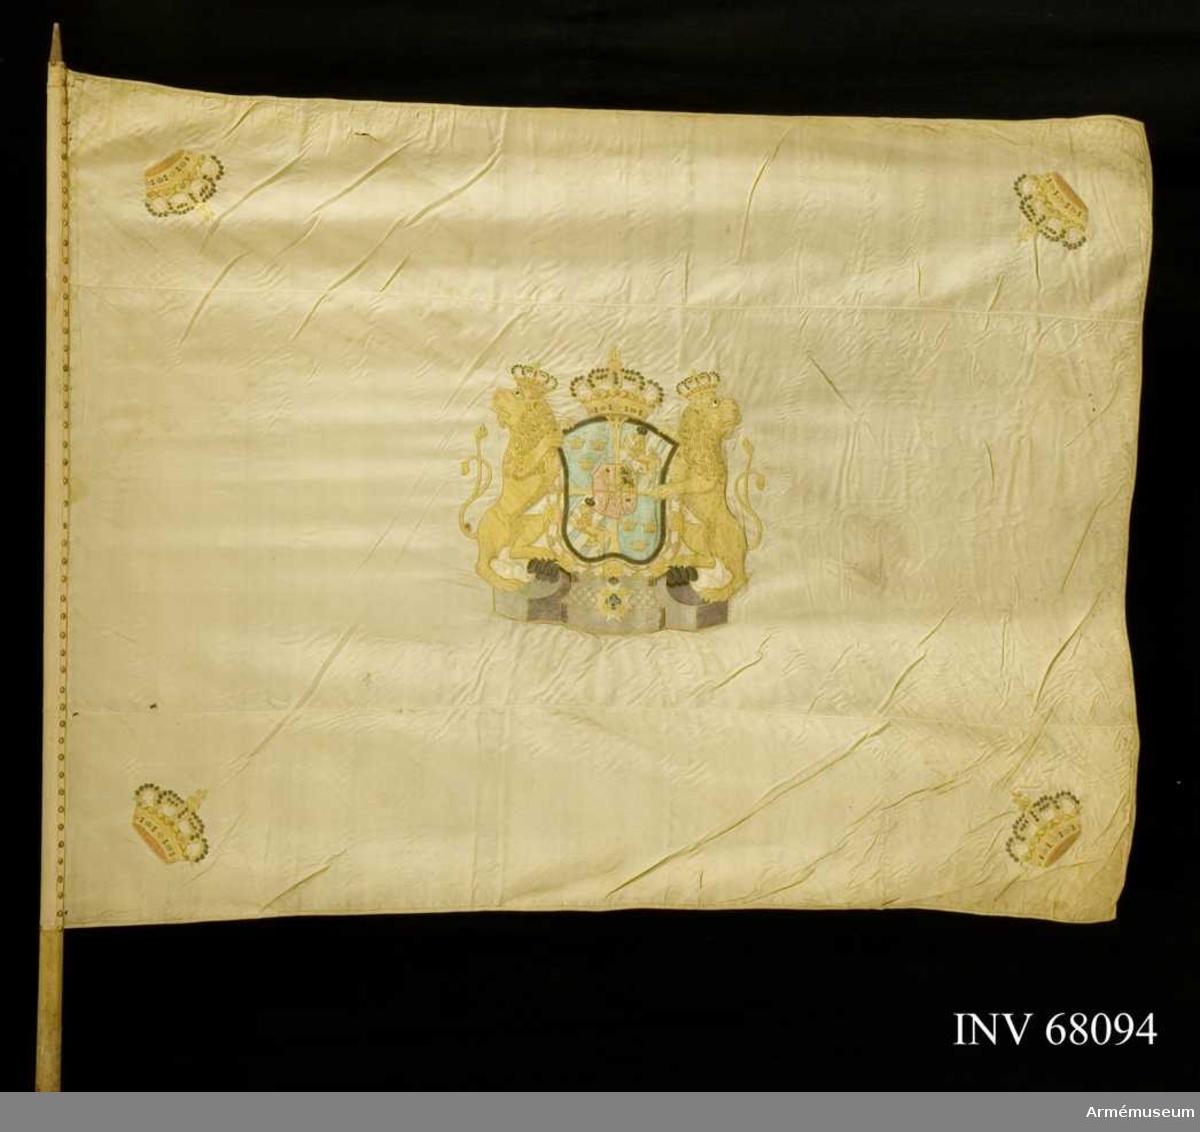 Duk: Tillverkad av vit sidenkypert, sydd av tre vertikala våder. Duken kantad med vitt mönstervävt band. Duken fäst vid stången med ett likadant band och en rad tennlickor.  Dekor: Stora riksvapnet, Holstein-Gottorp, applicerat och broderat lika på båda sidor. Skölden guldkantad, behängd med serafimerkedjan, krönt med sluten kunglig krona i gult silke, foder i rött silke och pärlor i silver. Sköldhållare i dubbelsvansade lejon med slutna kronor. Postament i grått silke. I dukens hörn slutna kronor.   Stång: Tillverkad av vitmålad furu. Saknar spets och holk. Avsågad.